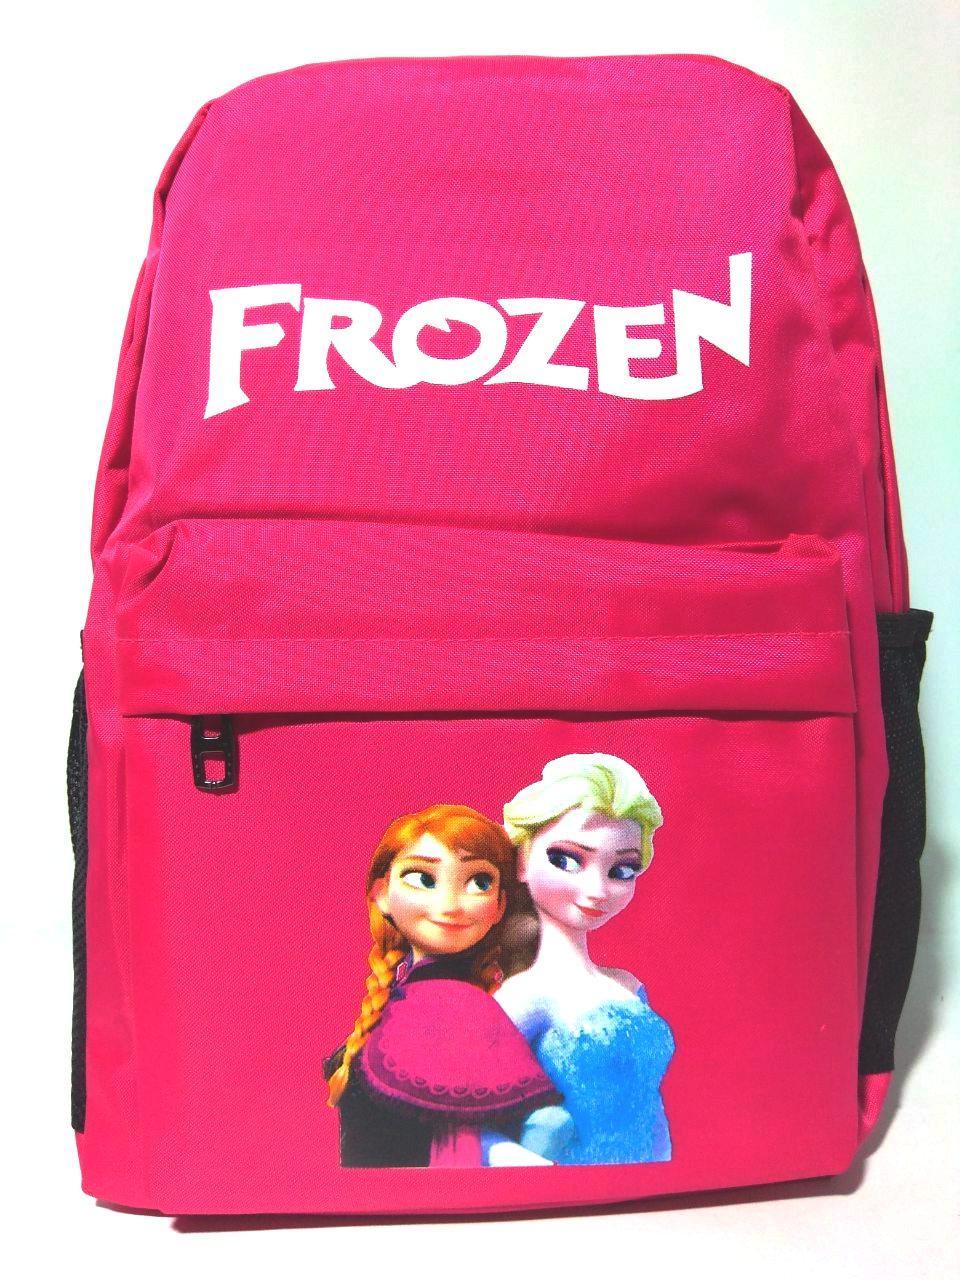 Рюкзак MK 0914 размер средний,1отд. и карм.с застеж-молн 31-23-9см